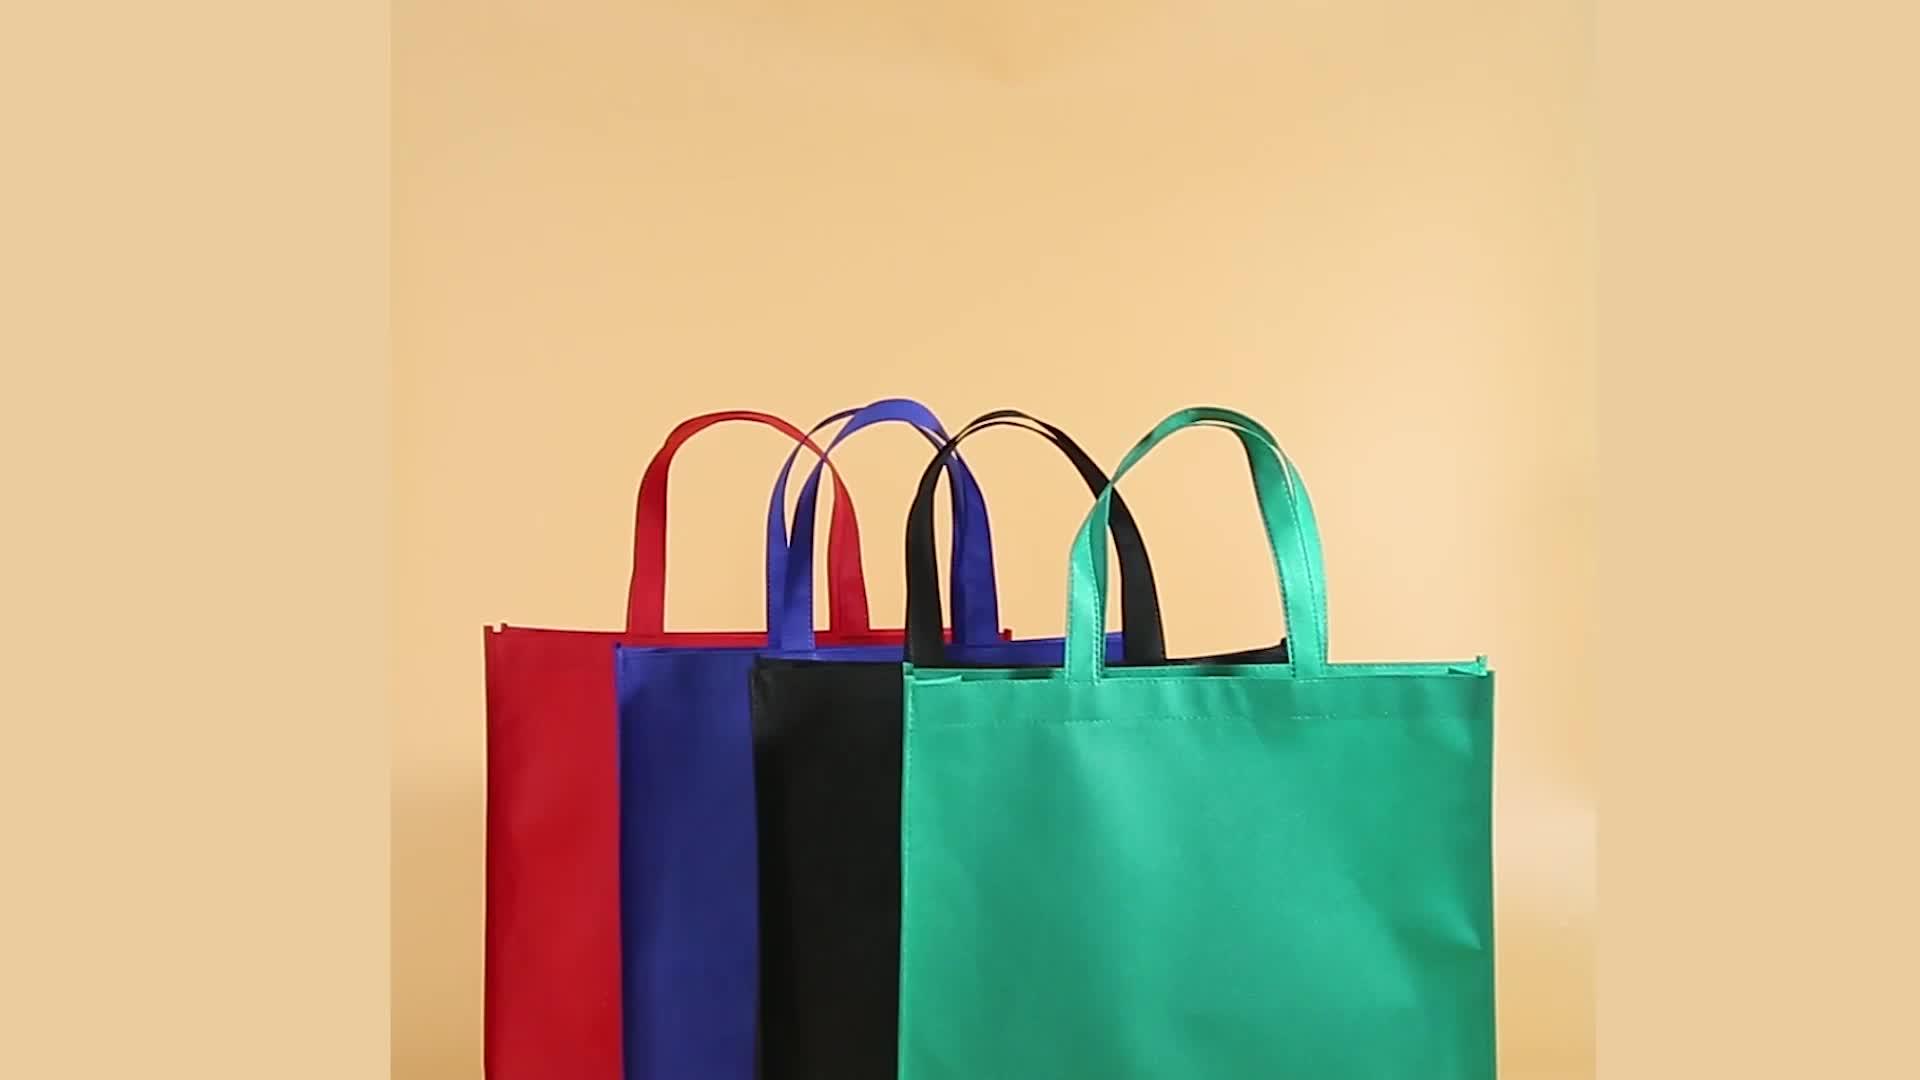 กระเป๋าโท้ทที่กำหนดเองพิมพ์พับผู้ให้บริการสีขาวไม่ทอถุงผ้า